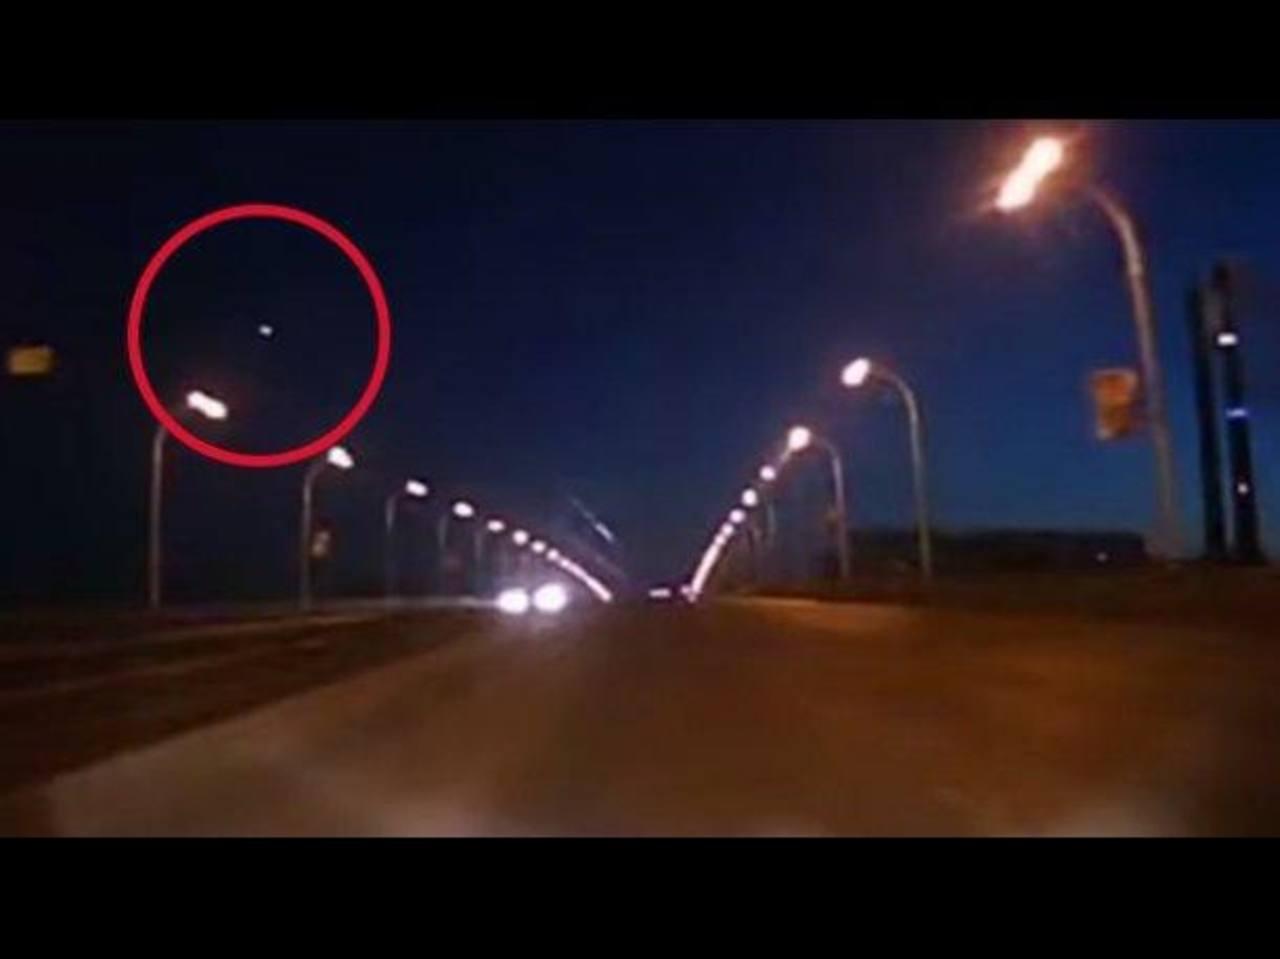 ¿Meteorito o restos de nave espacial surca cielo de Rusia?